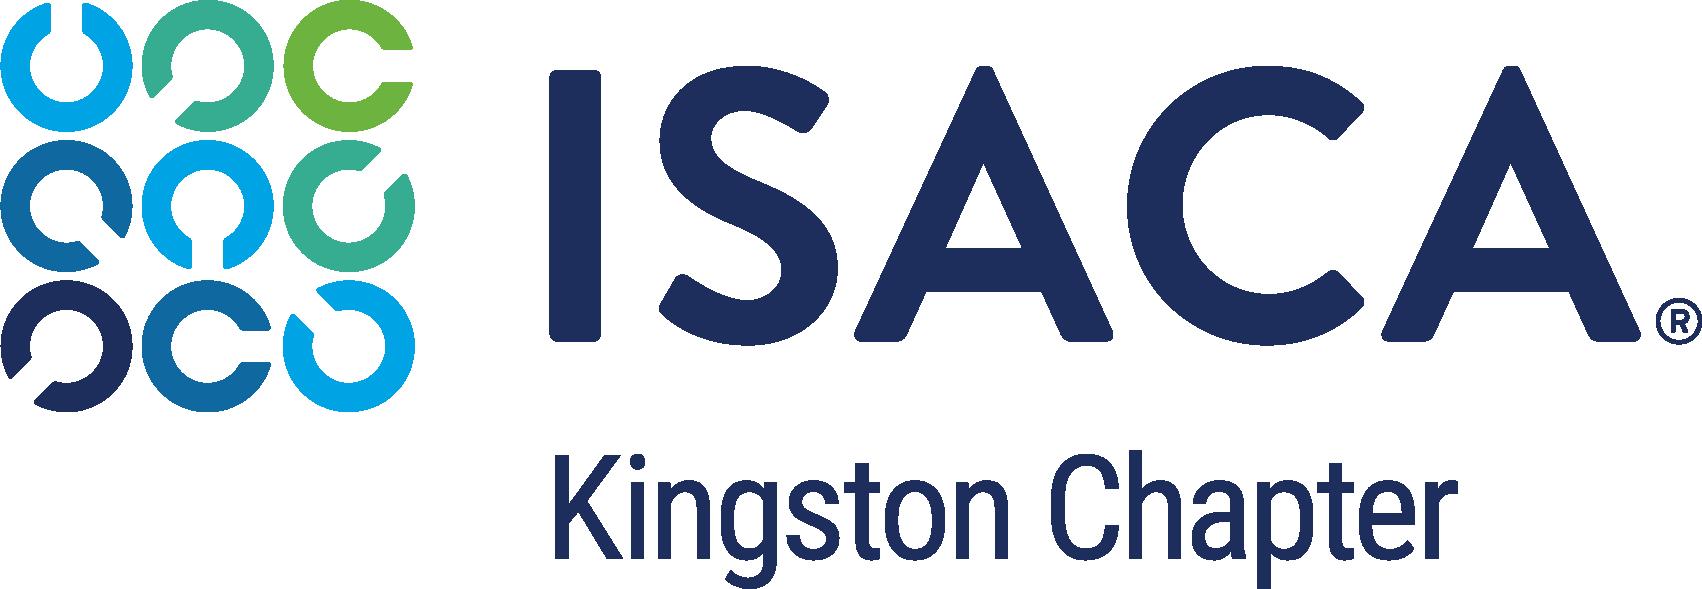 Kingston Chapter Logo